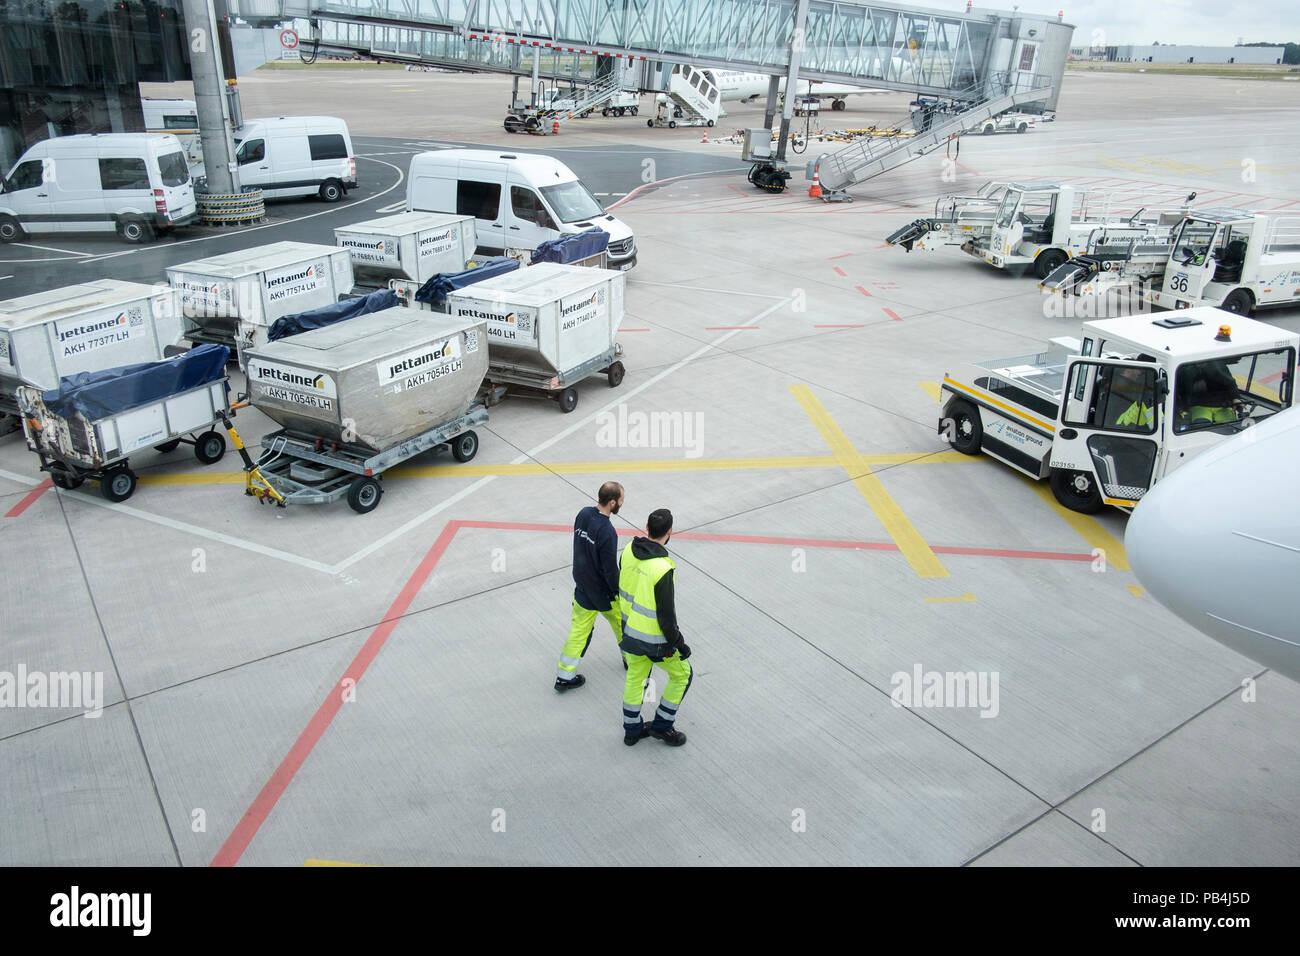 Airport Jobs Stock Photos & Airport Jobs Stock Images - Alamy